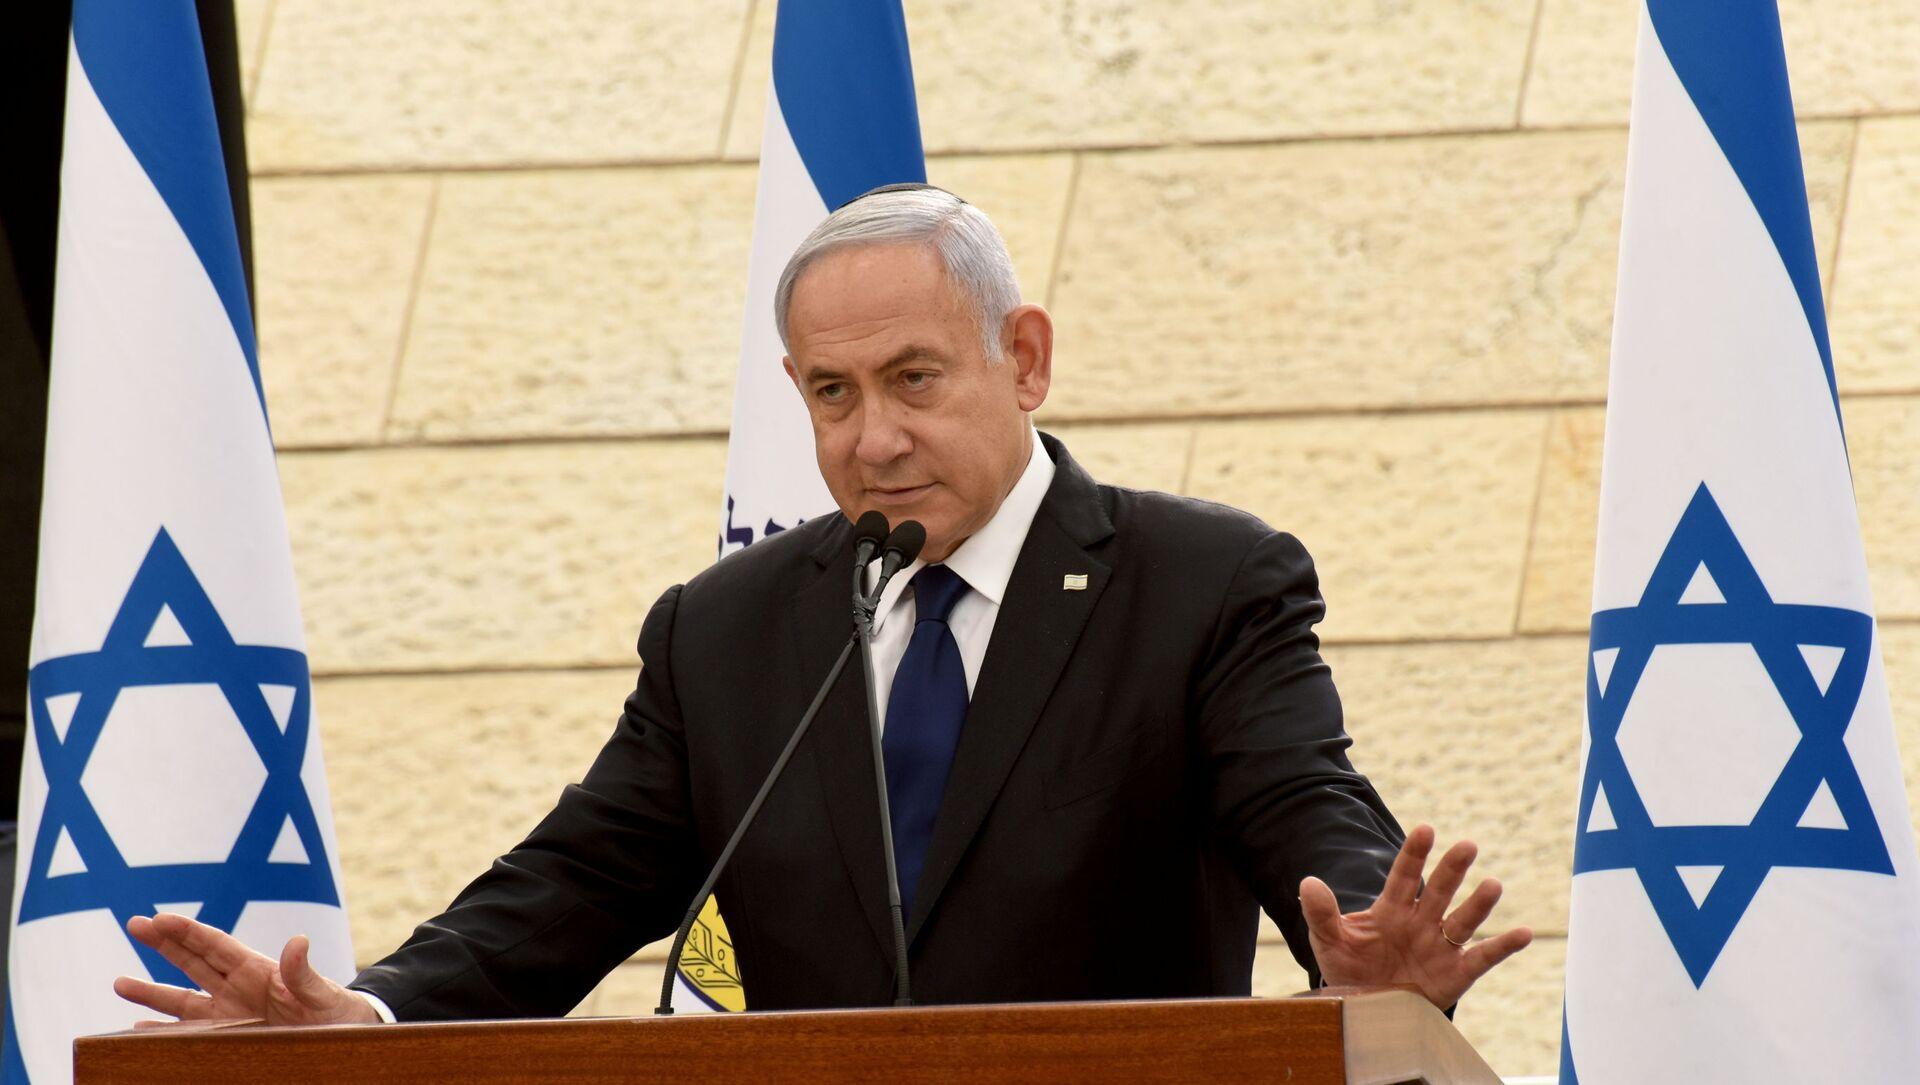 Премијер Израела Бењамин Нетанијаху  - Sputnik Србија, 1920, 16.05.2021